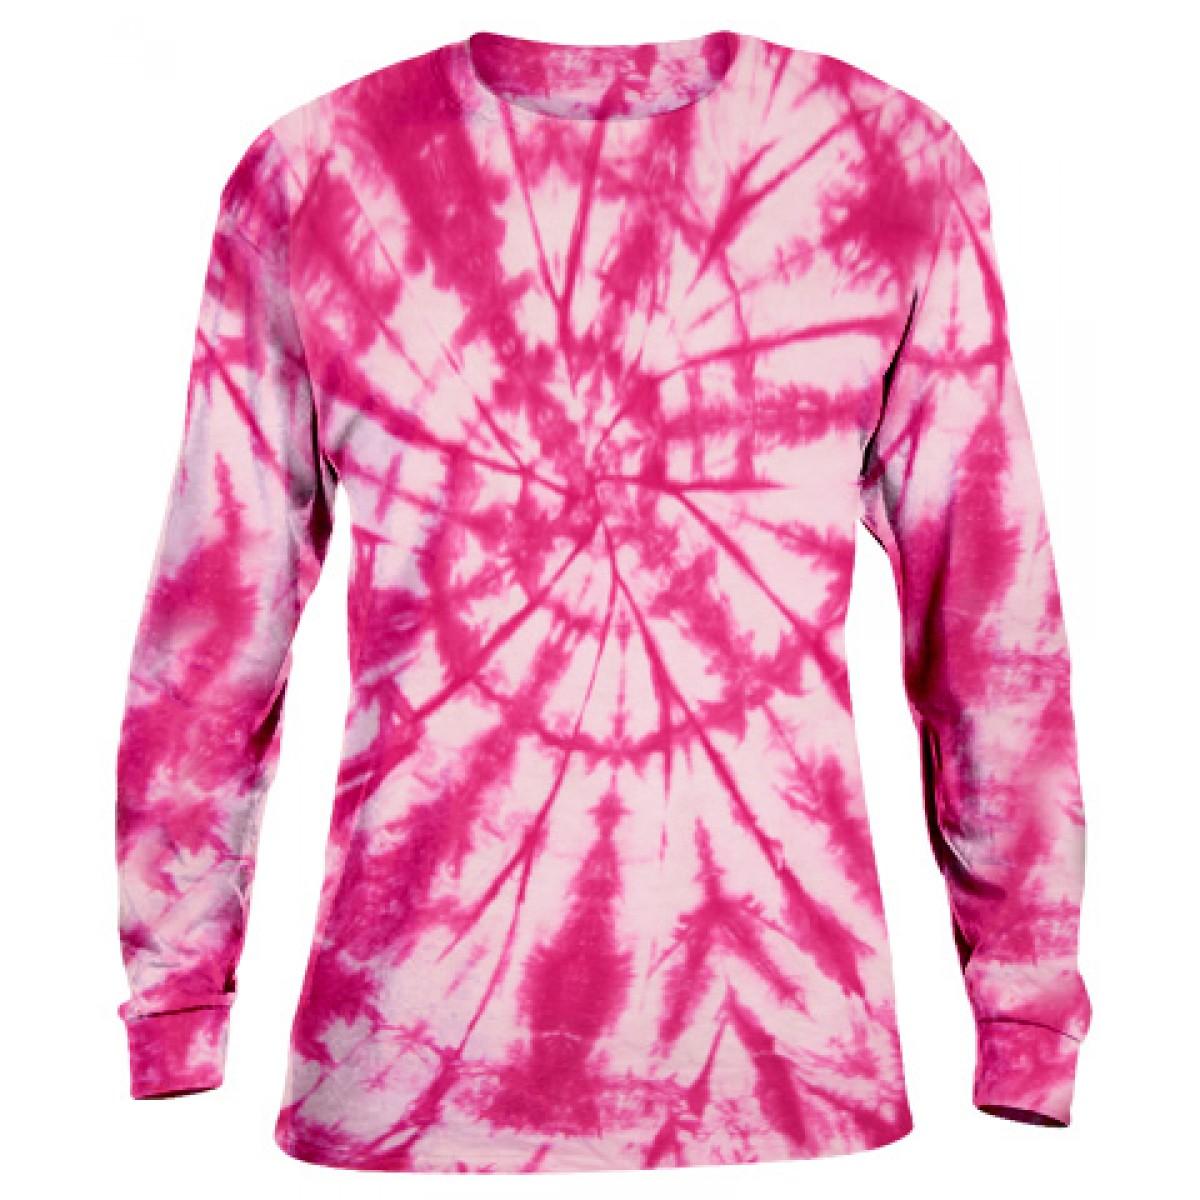 Tie-Dye Long Sleeve Shirt -Fuscia-YL